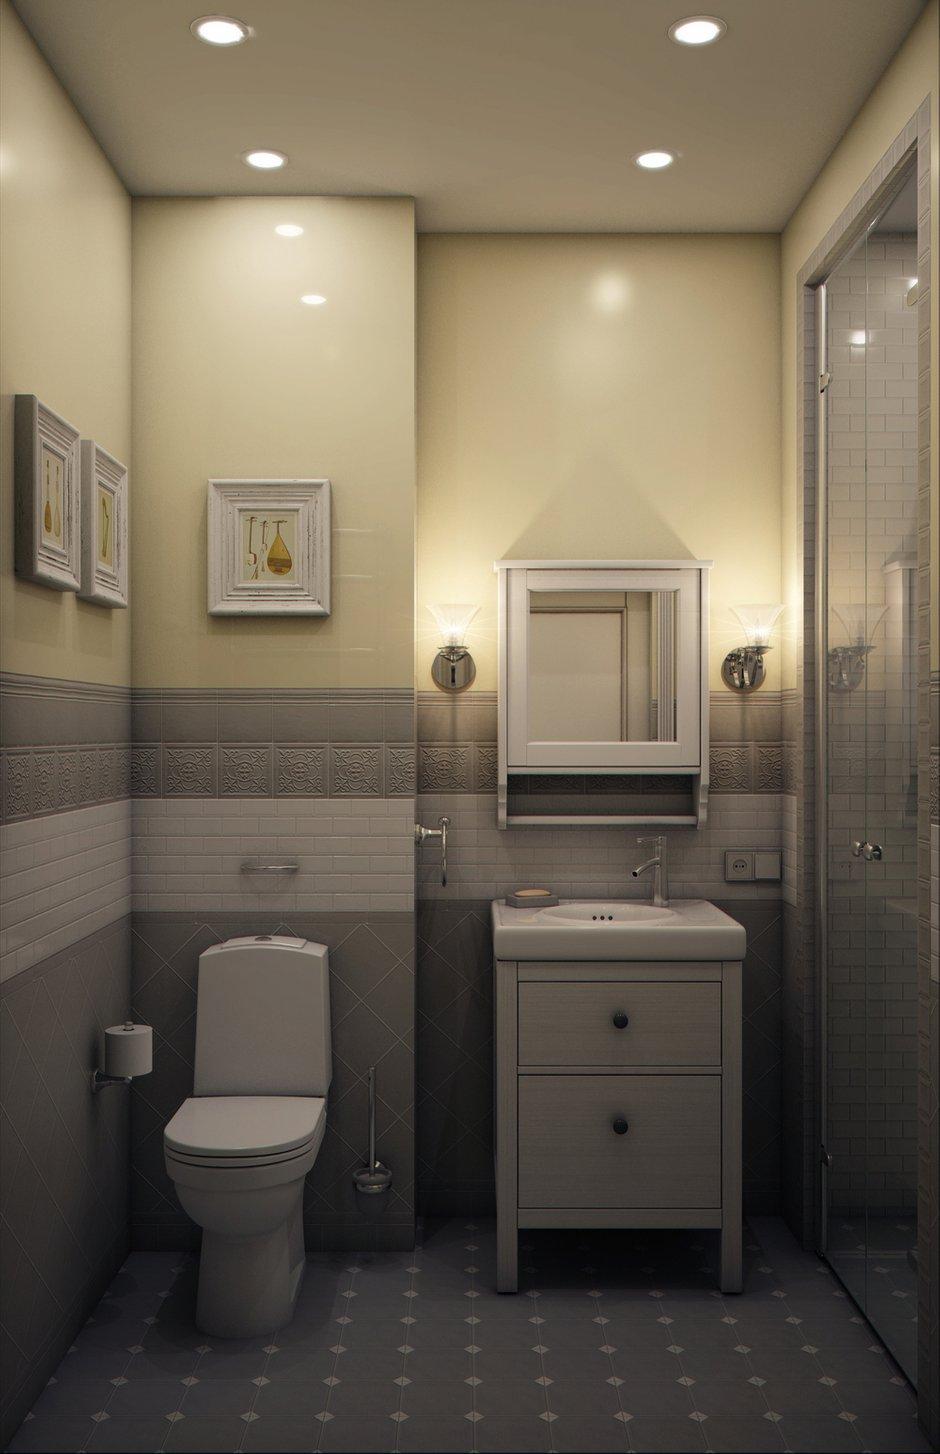 Фотография: Ванная в стиле Классический, Эклектика, Квартира, Проект недели, Марина Саркисян, Подмосковье – фото на INMYROOM